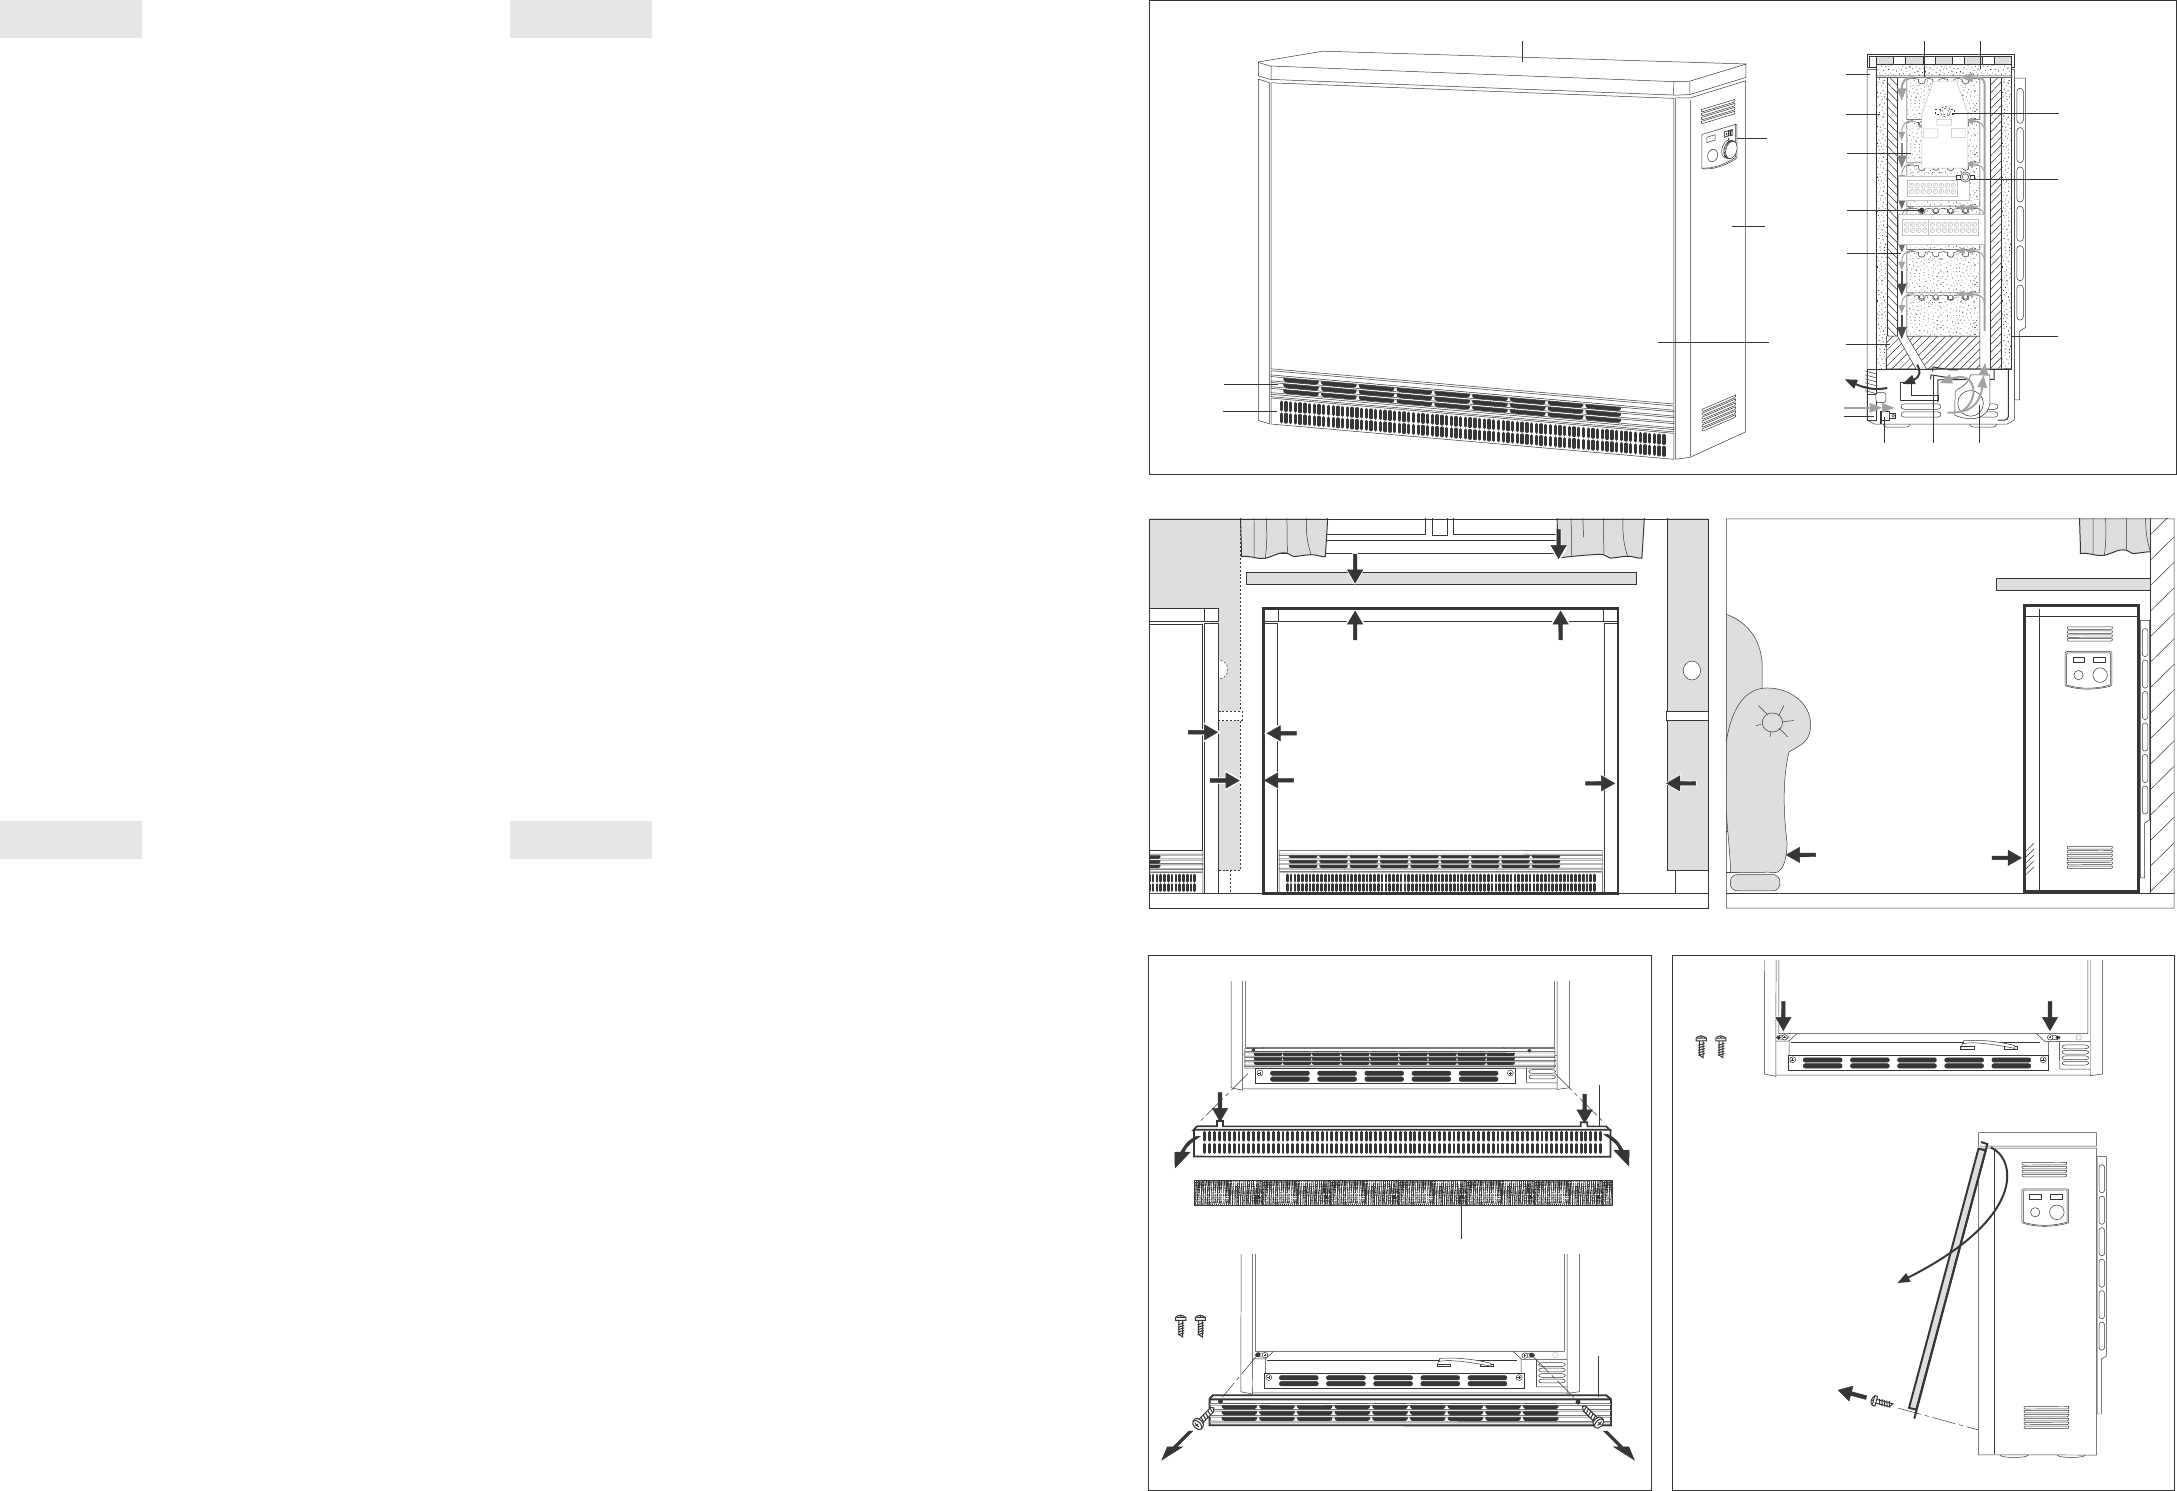 schaltplan nachtspeicherofen wiring diagram. Black Bedroom Furniture Sets. Home Design Ideas